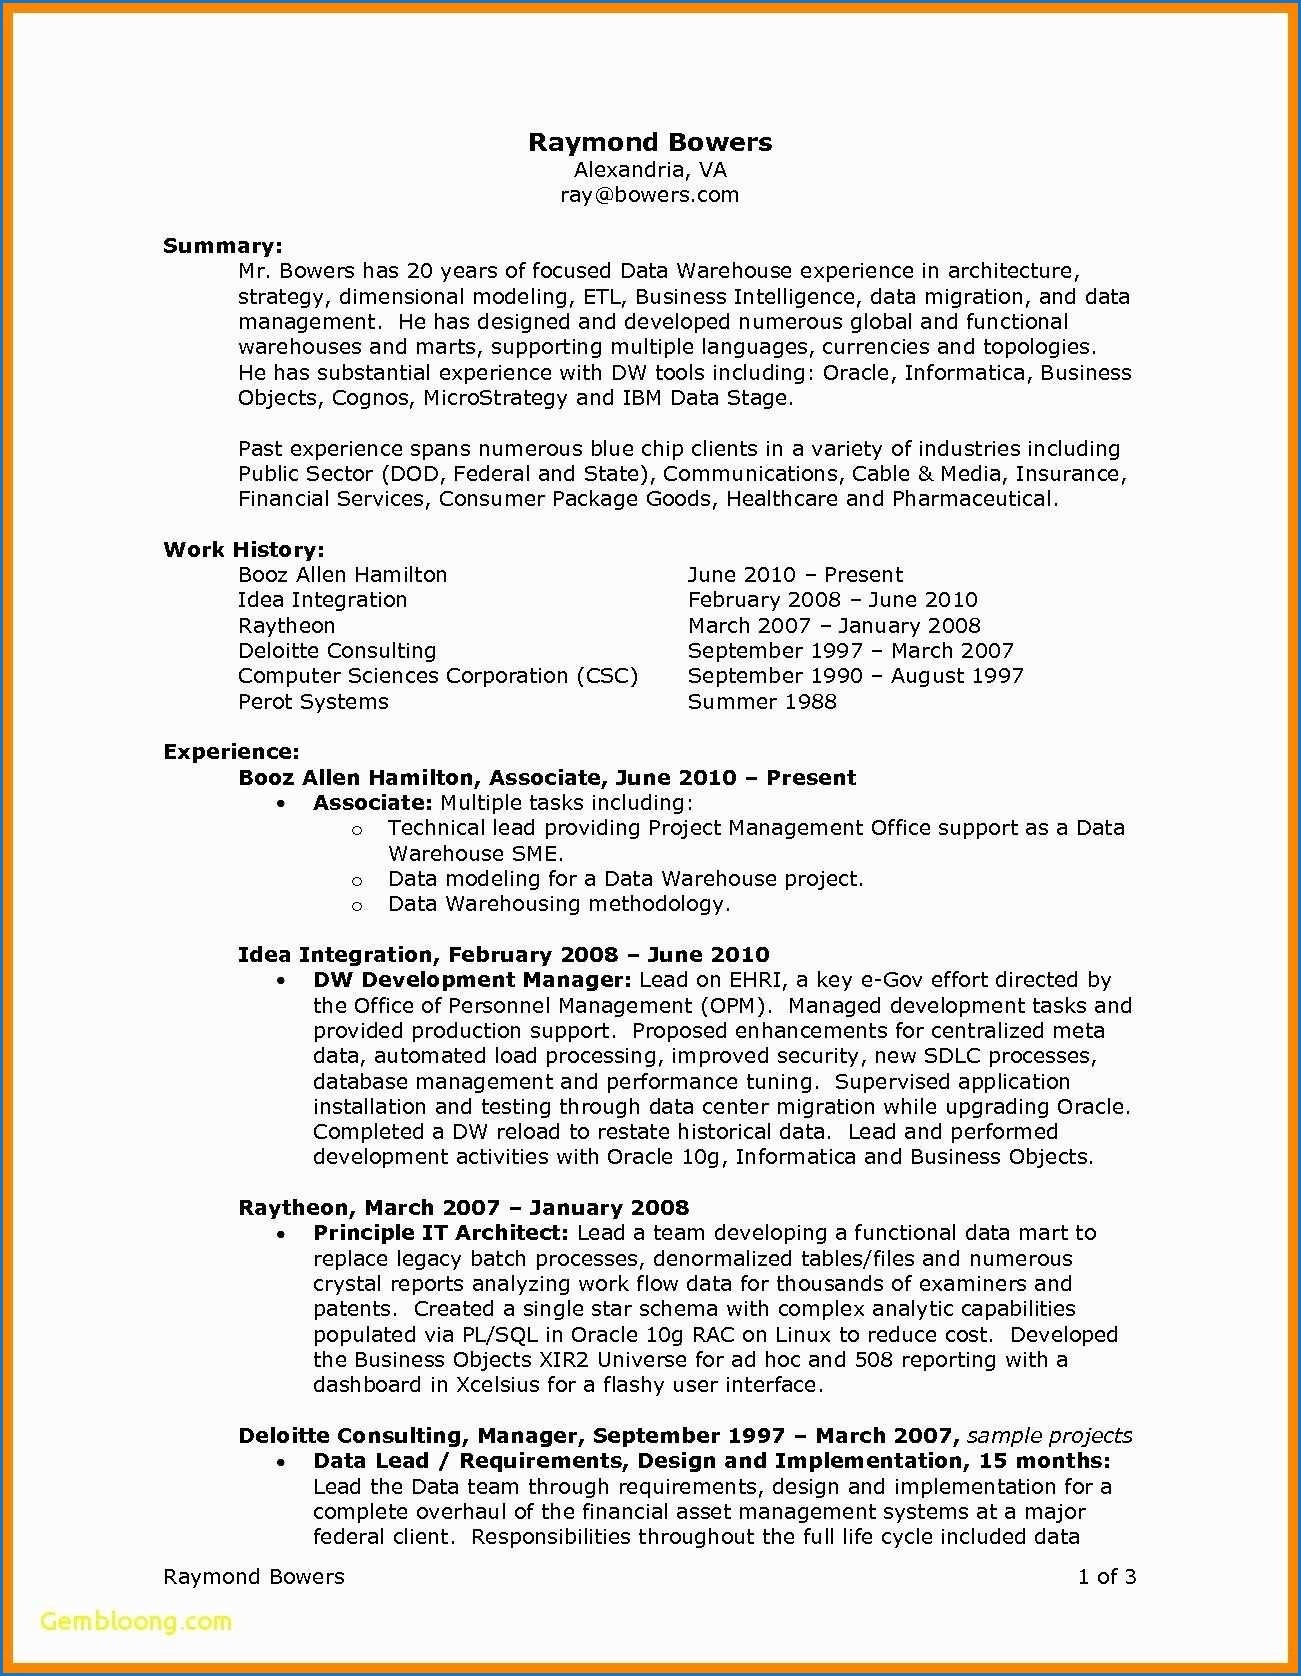 March Calendar Images 2019 Recientes 15 Creative Resume Examples 2019 Resume Collection Of March Calendar Images 2019 Más Recientemente Liberado Printable Calendar Templates Empty Calendar Template Awesome Elegant